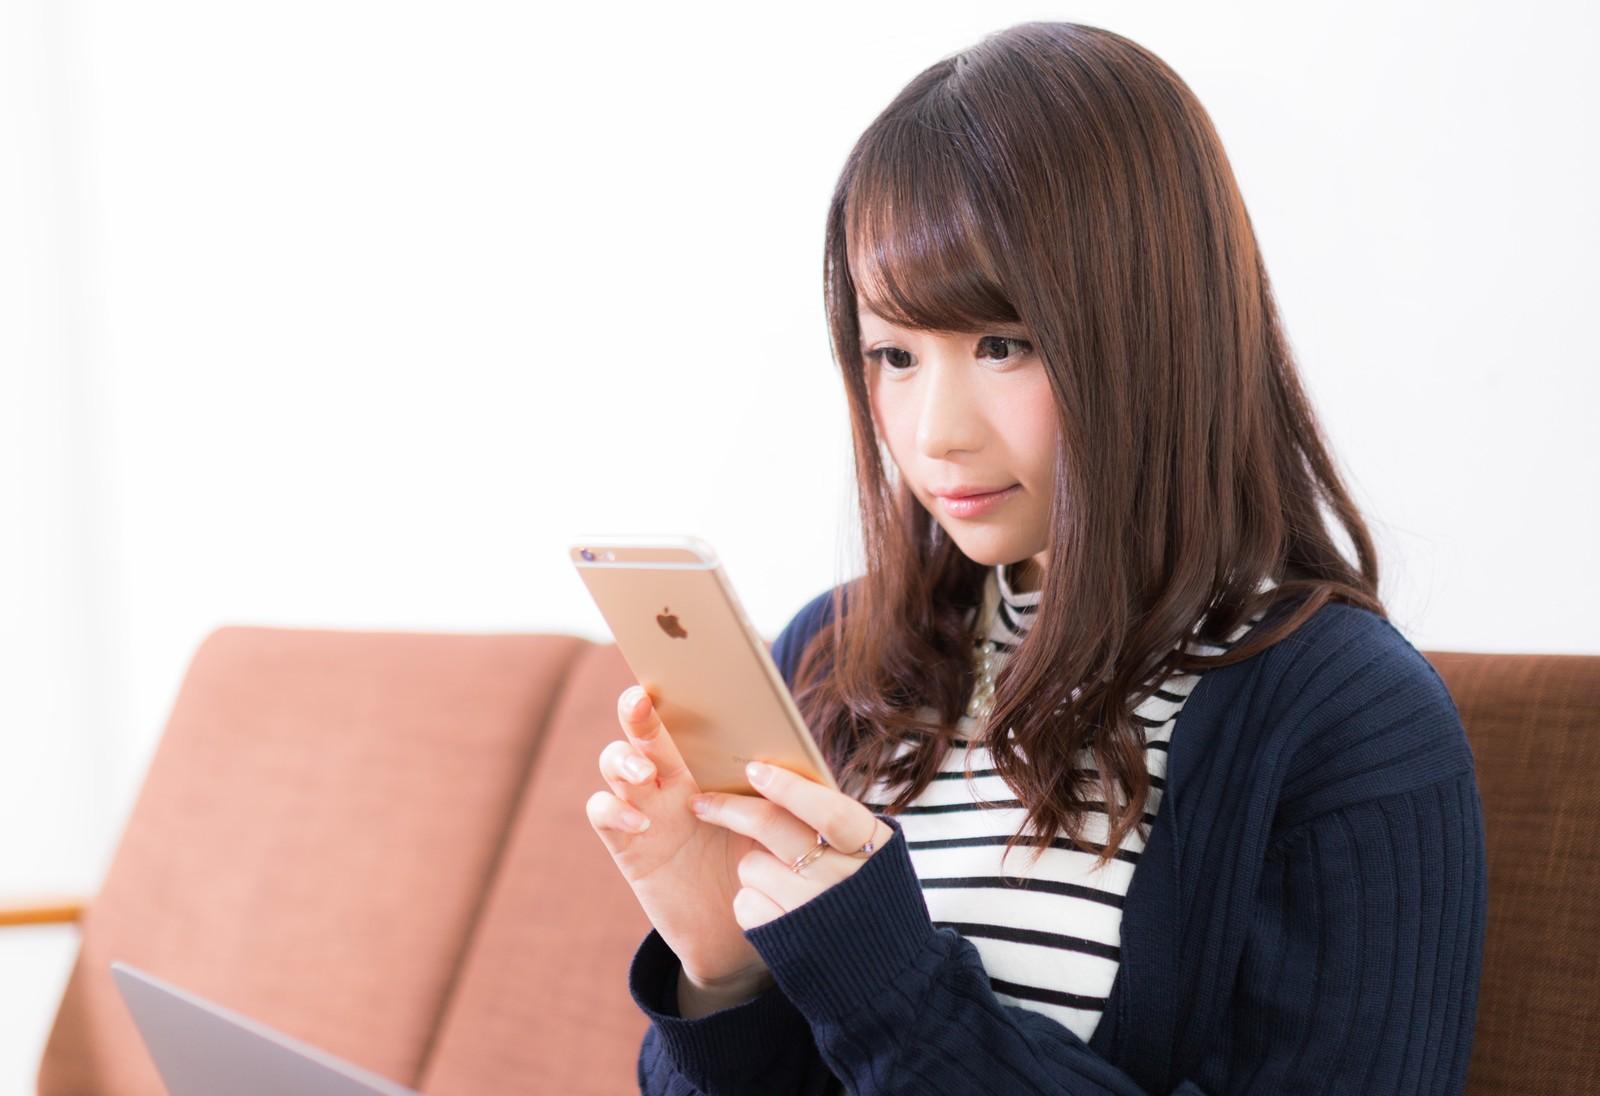 動画配信サービスを見ている女性 (1)